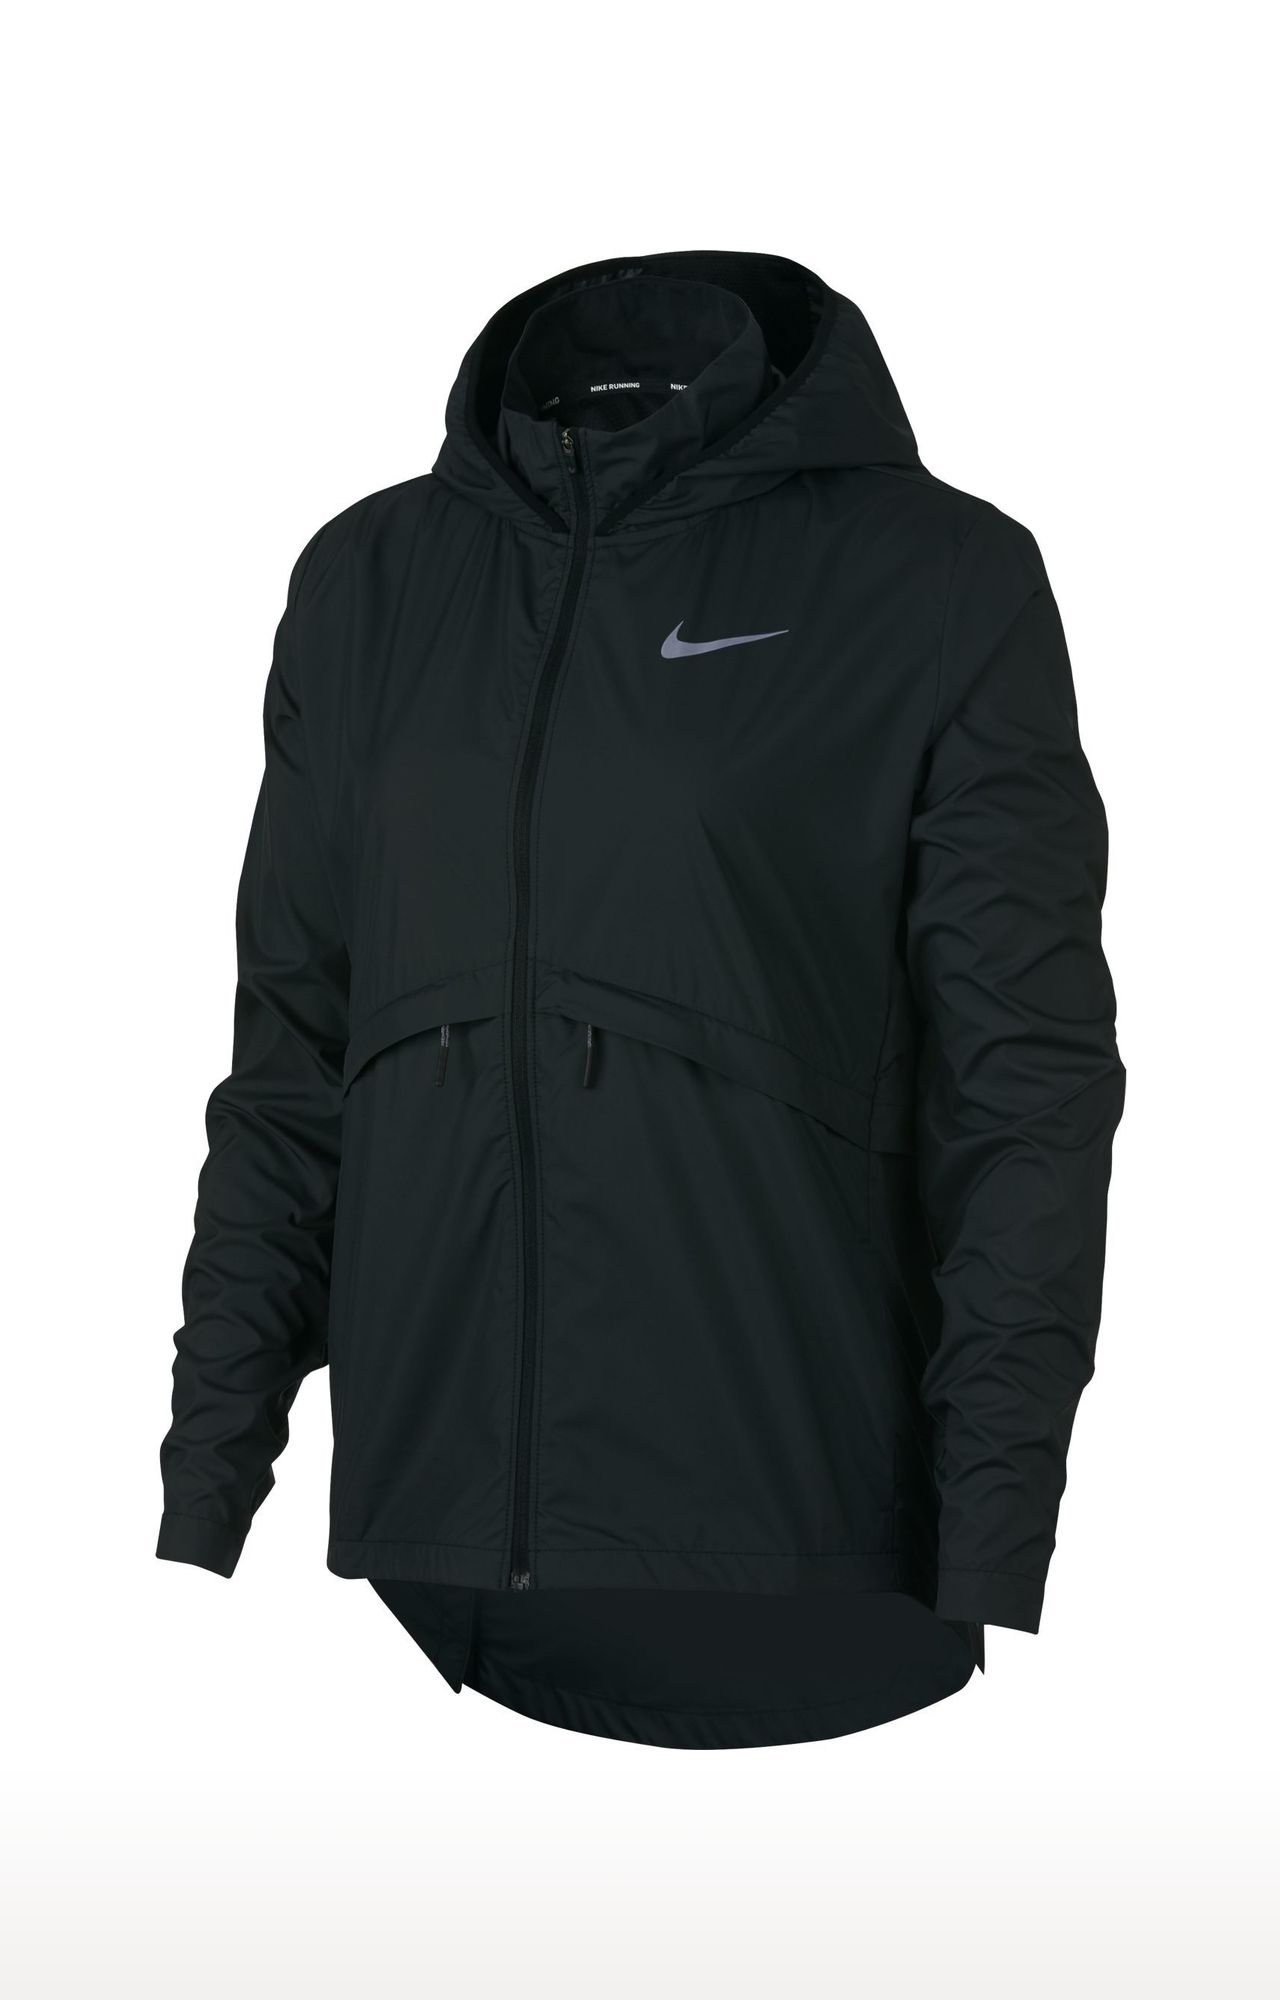 Nike | NIKE AS W NK ESSNTL JKT HD JKT